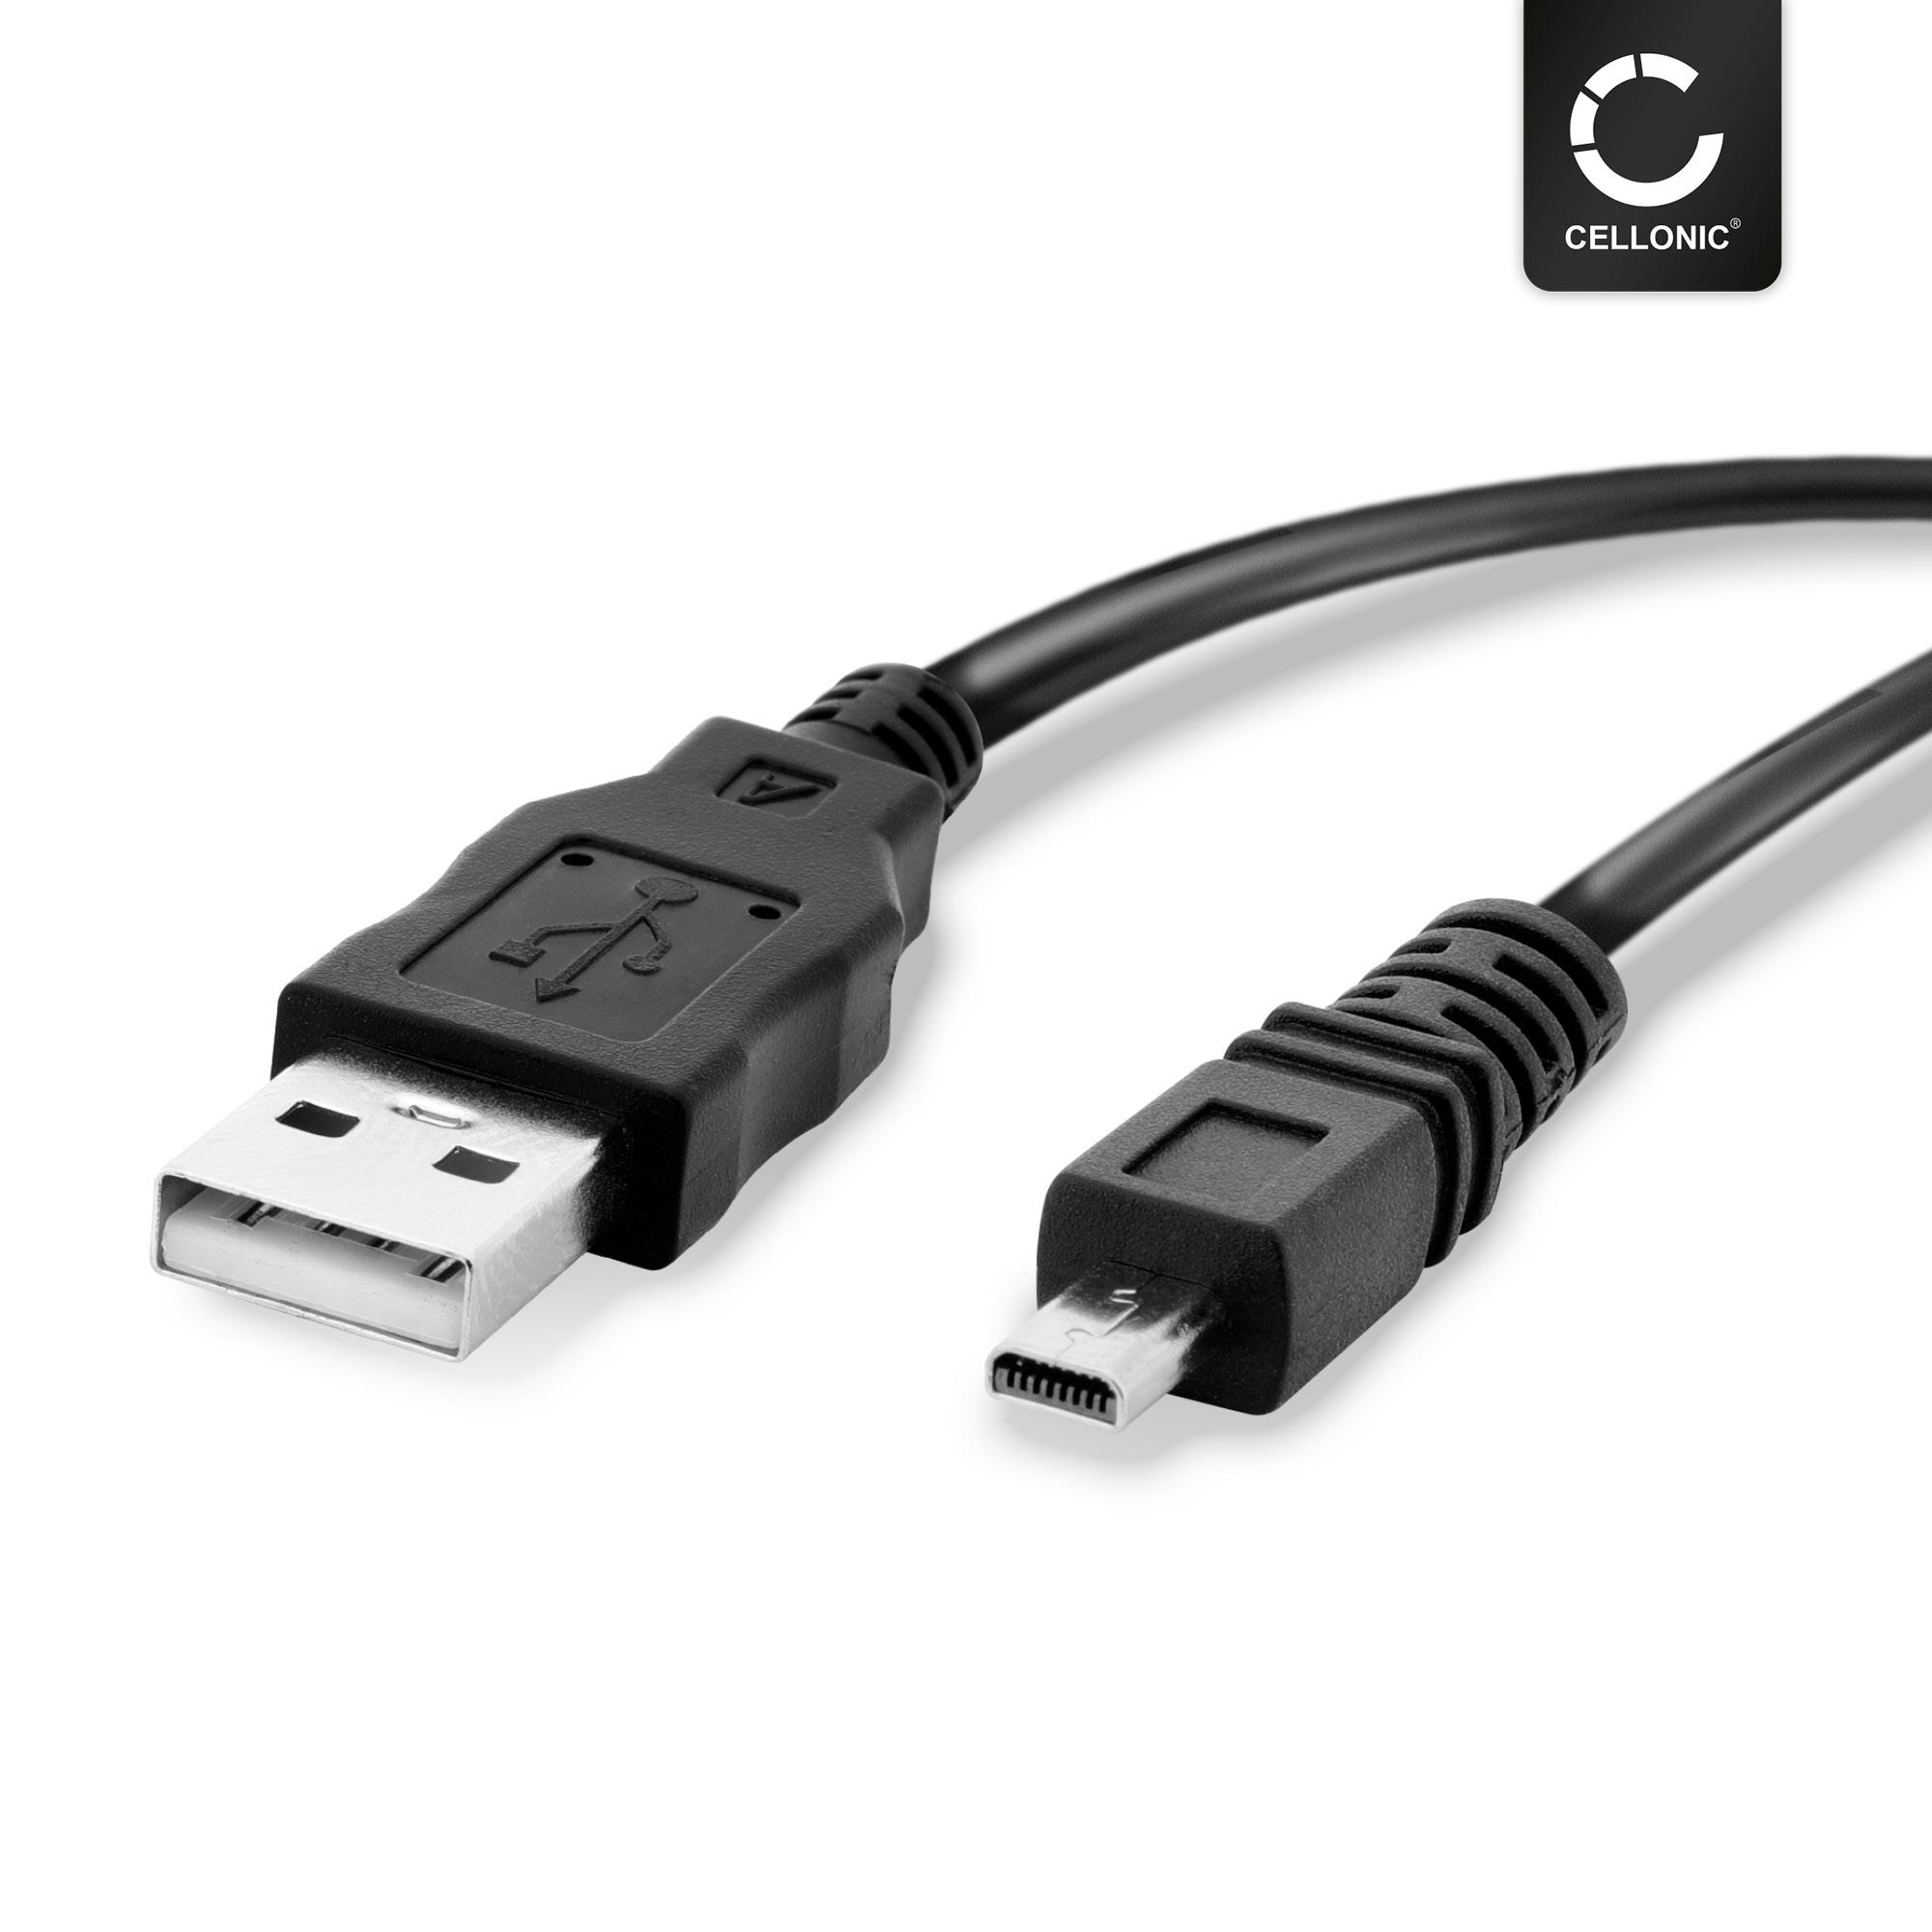 reemplaza k1ha08cd0019 1,5m USB cable de datos para Panasonic Lumix dmc-fz8